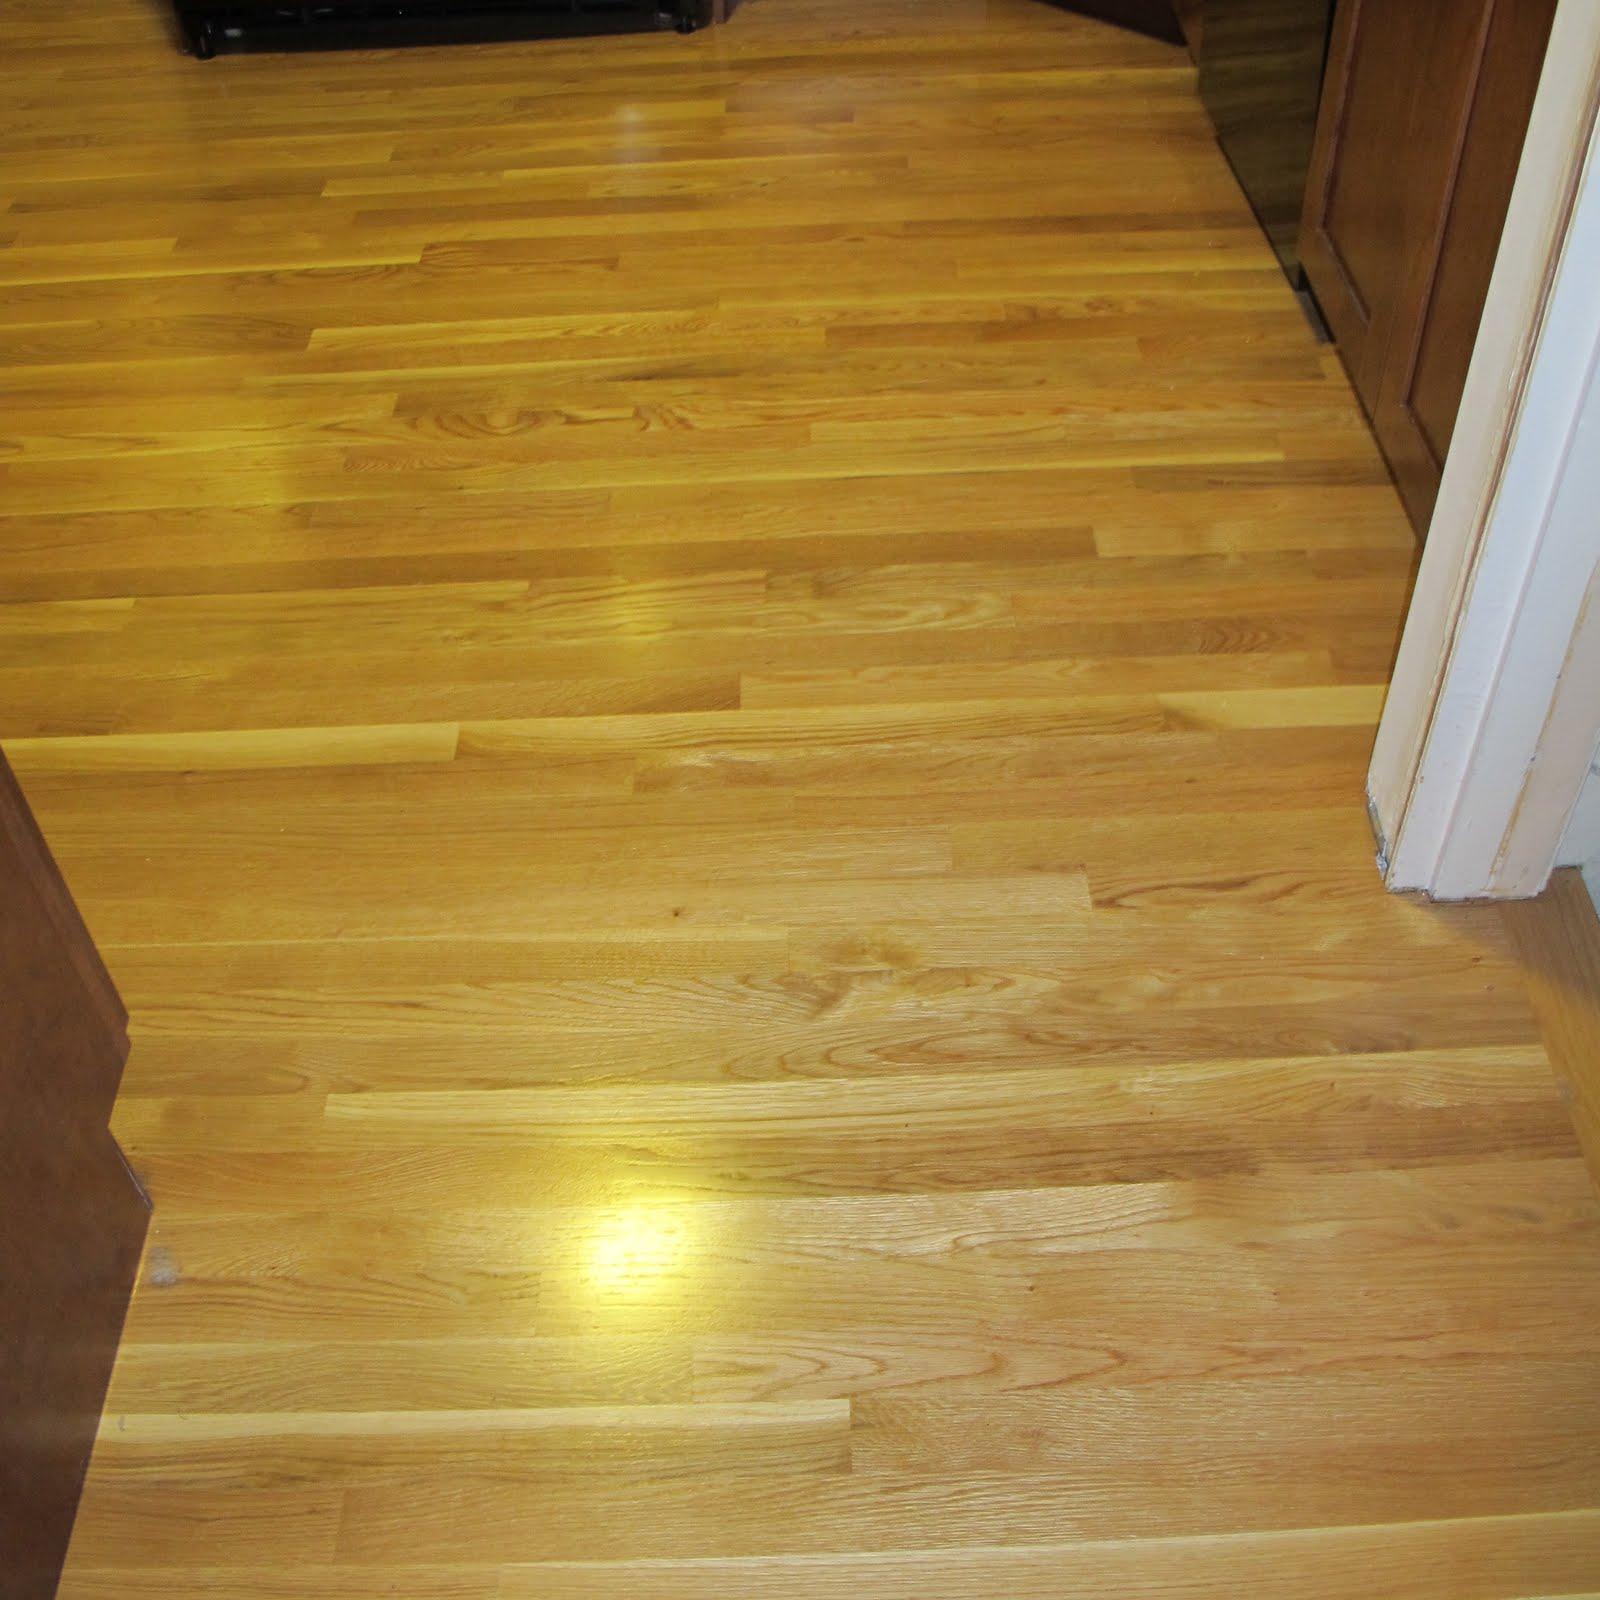 Hardwood Floors Match Kitchen Floors